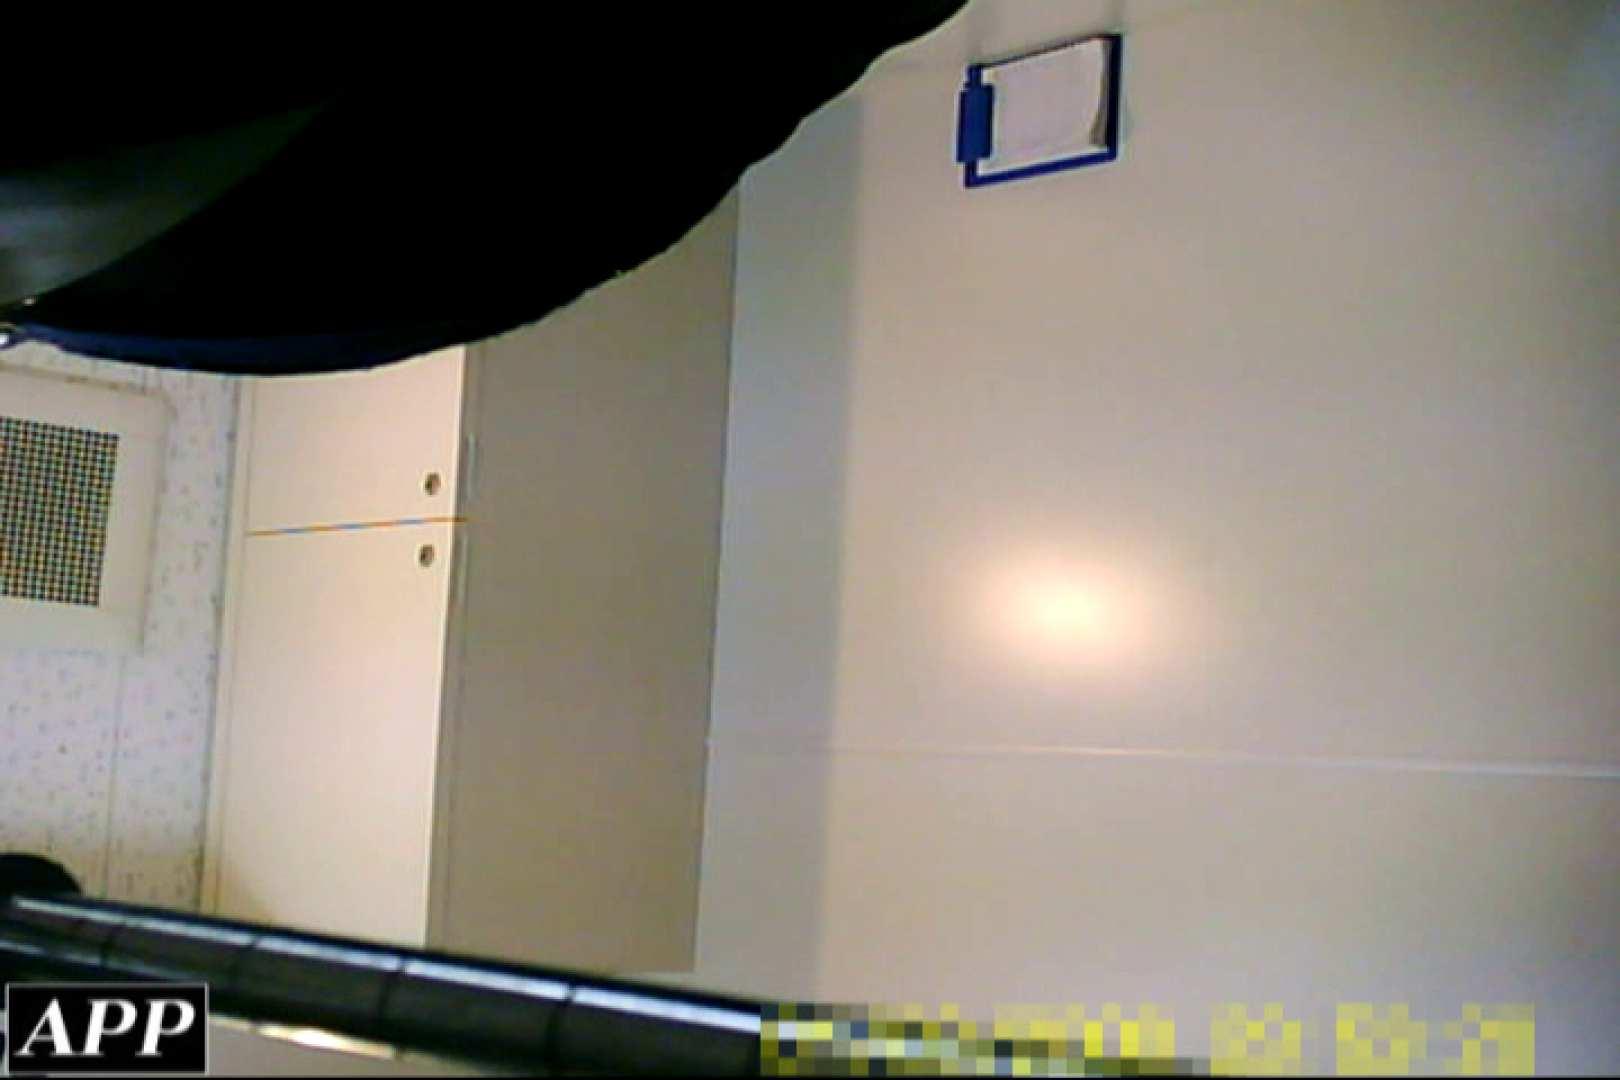 3視点洗面所 vol.124 モロだしオマンコ ワレメ無修正動画無料 82pic 41